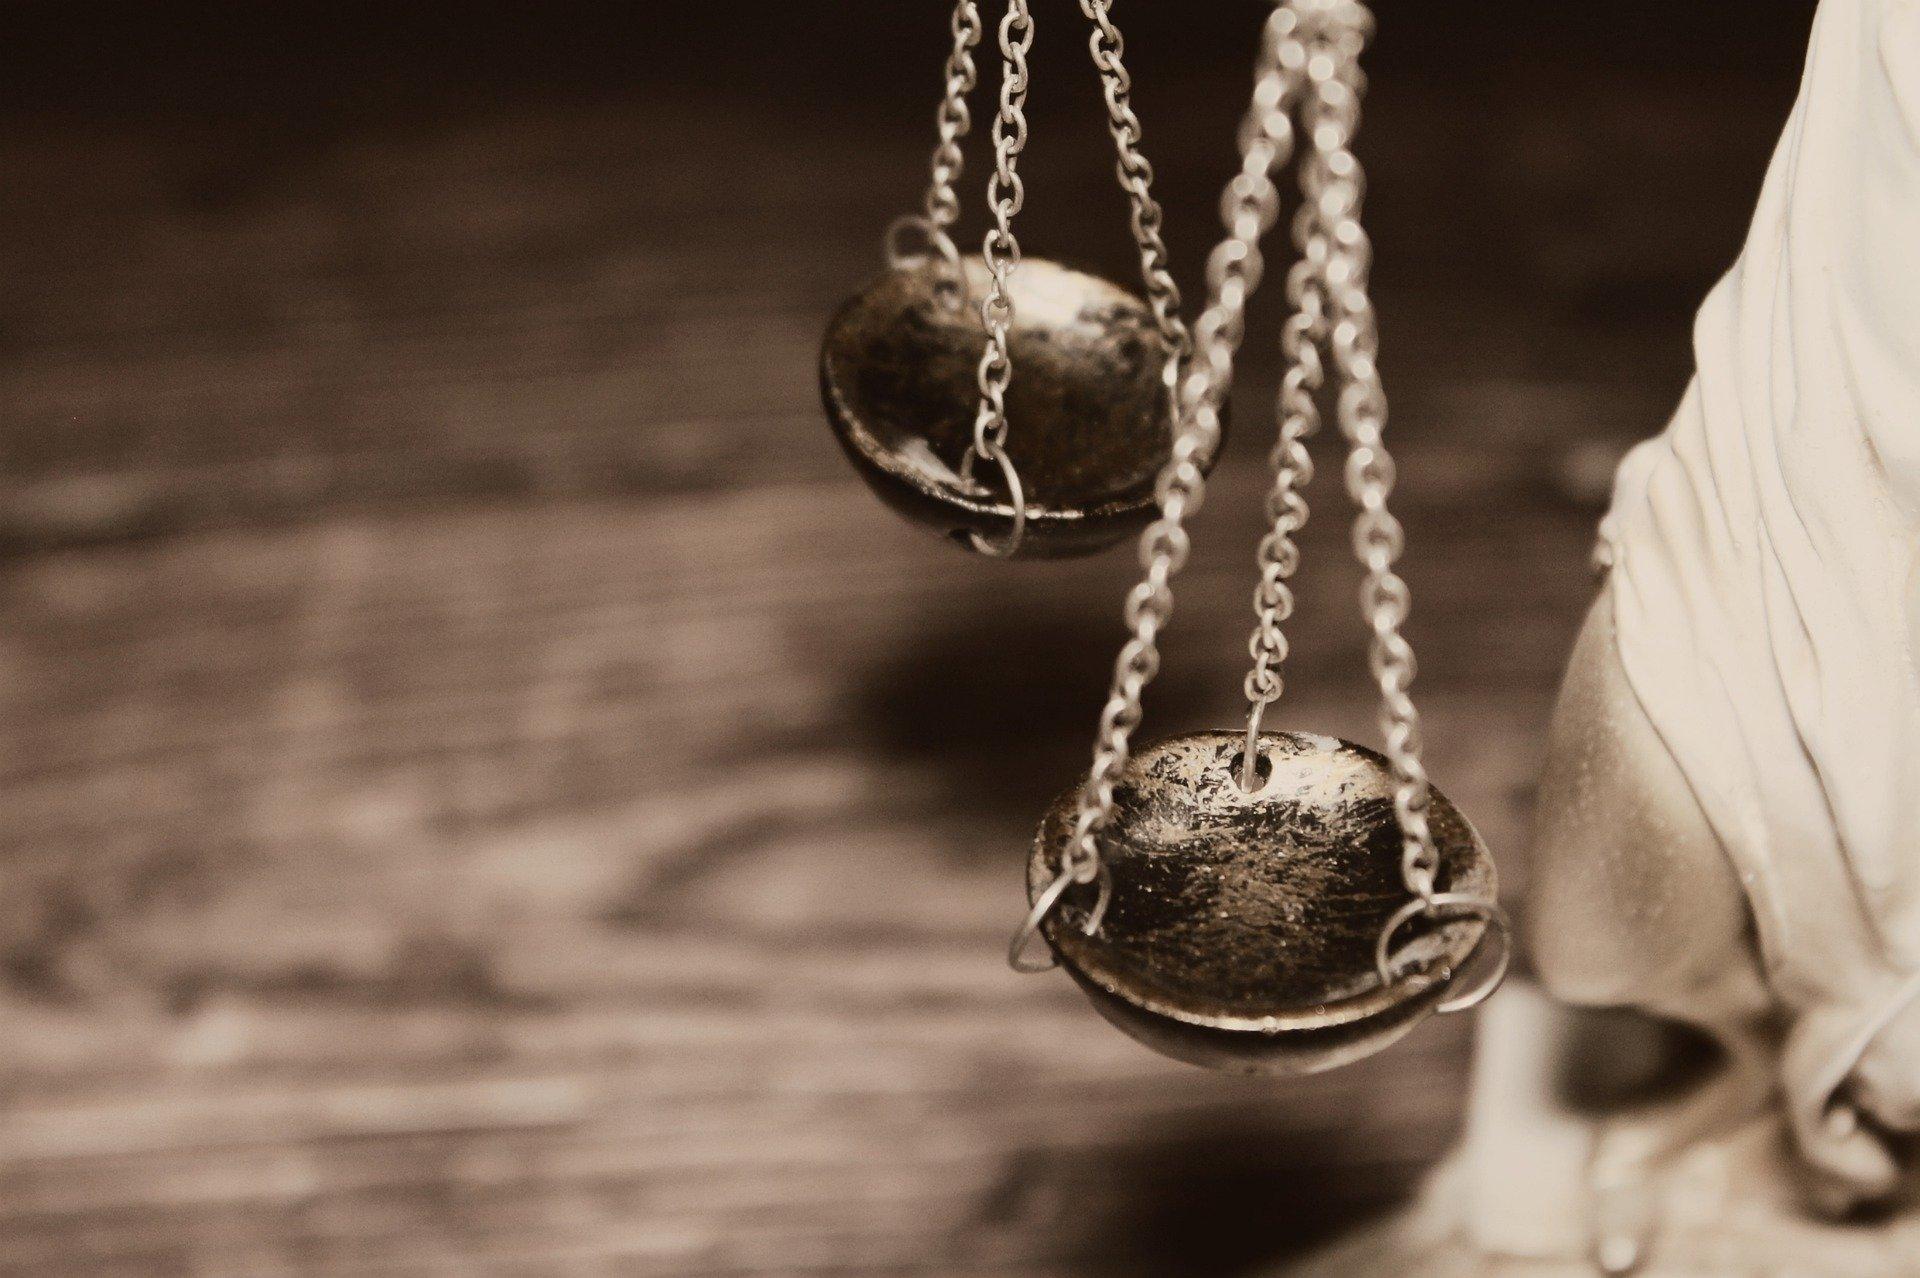 Despacho abogado en valladolid - Derecho penal